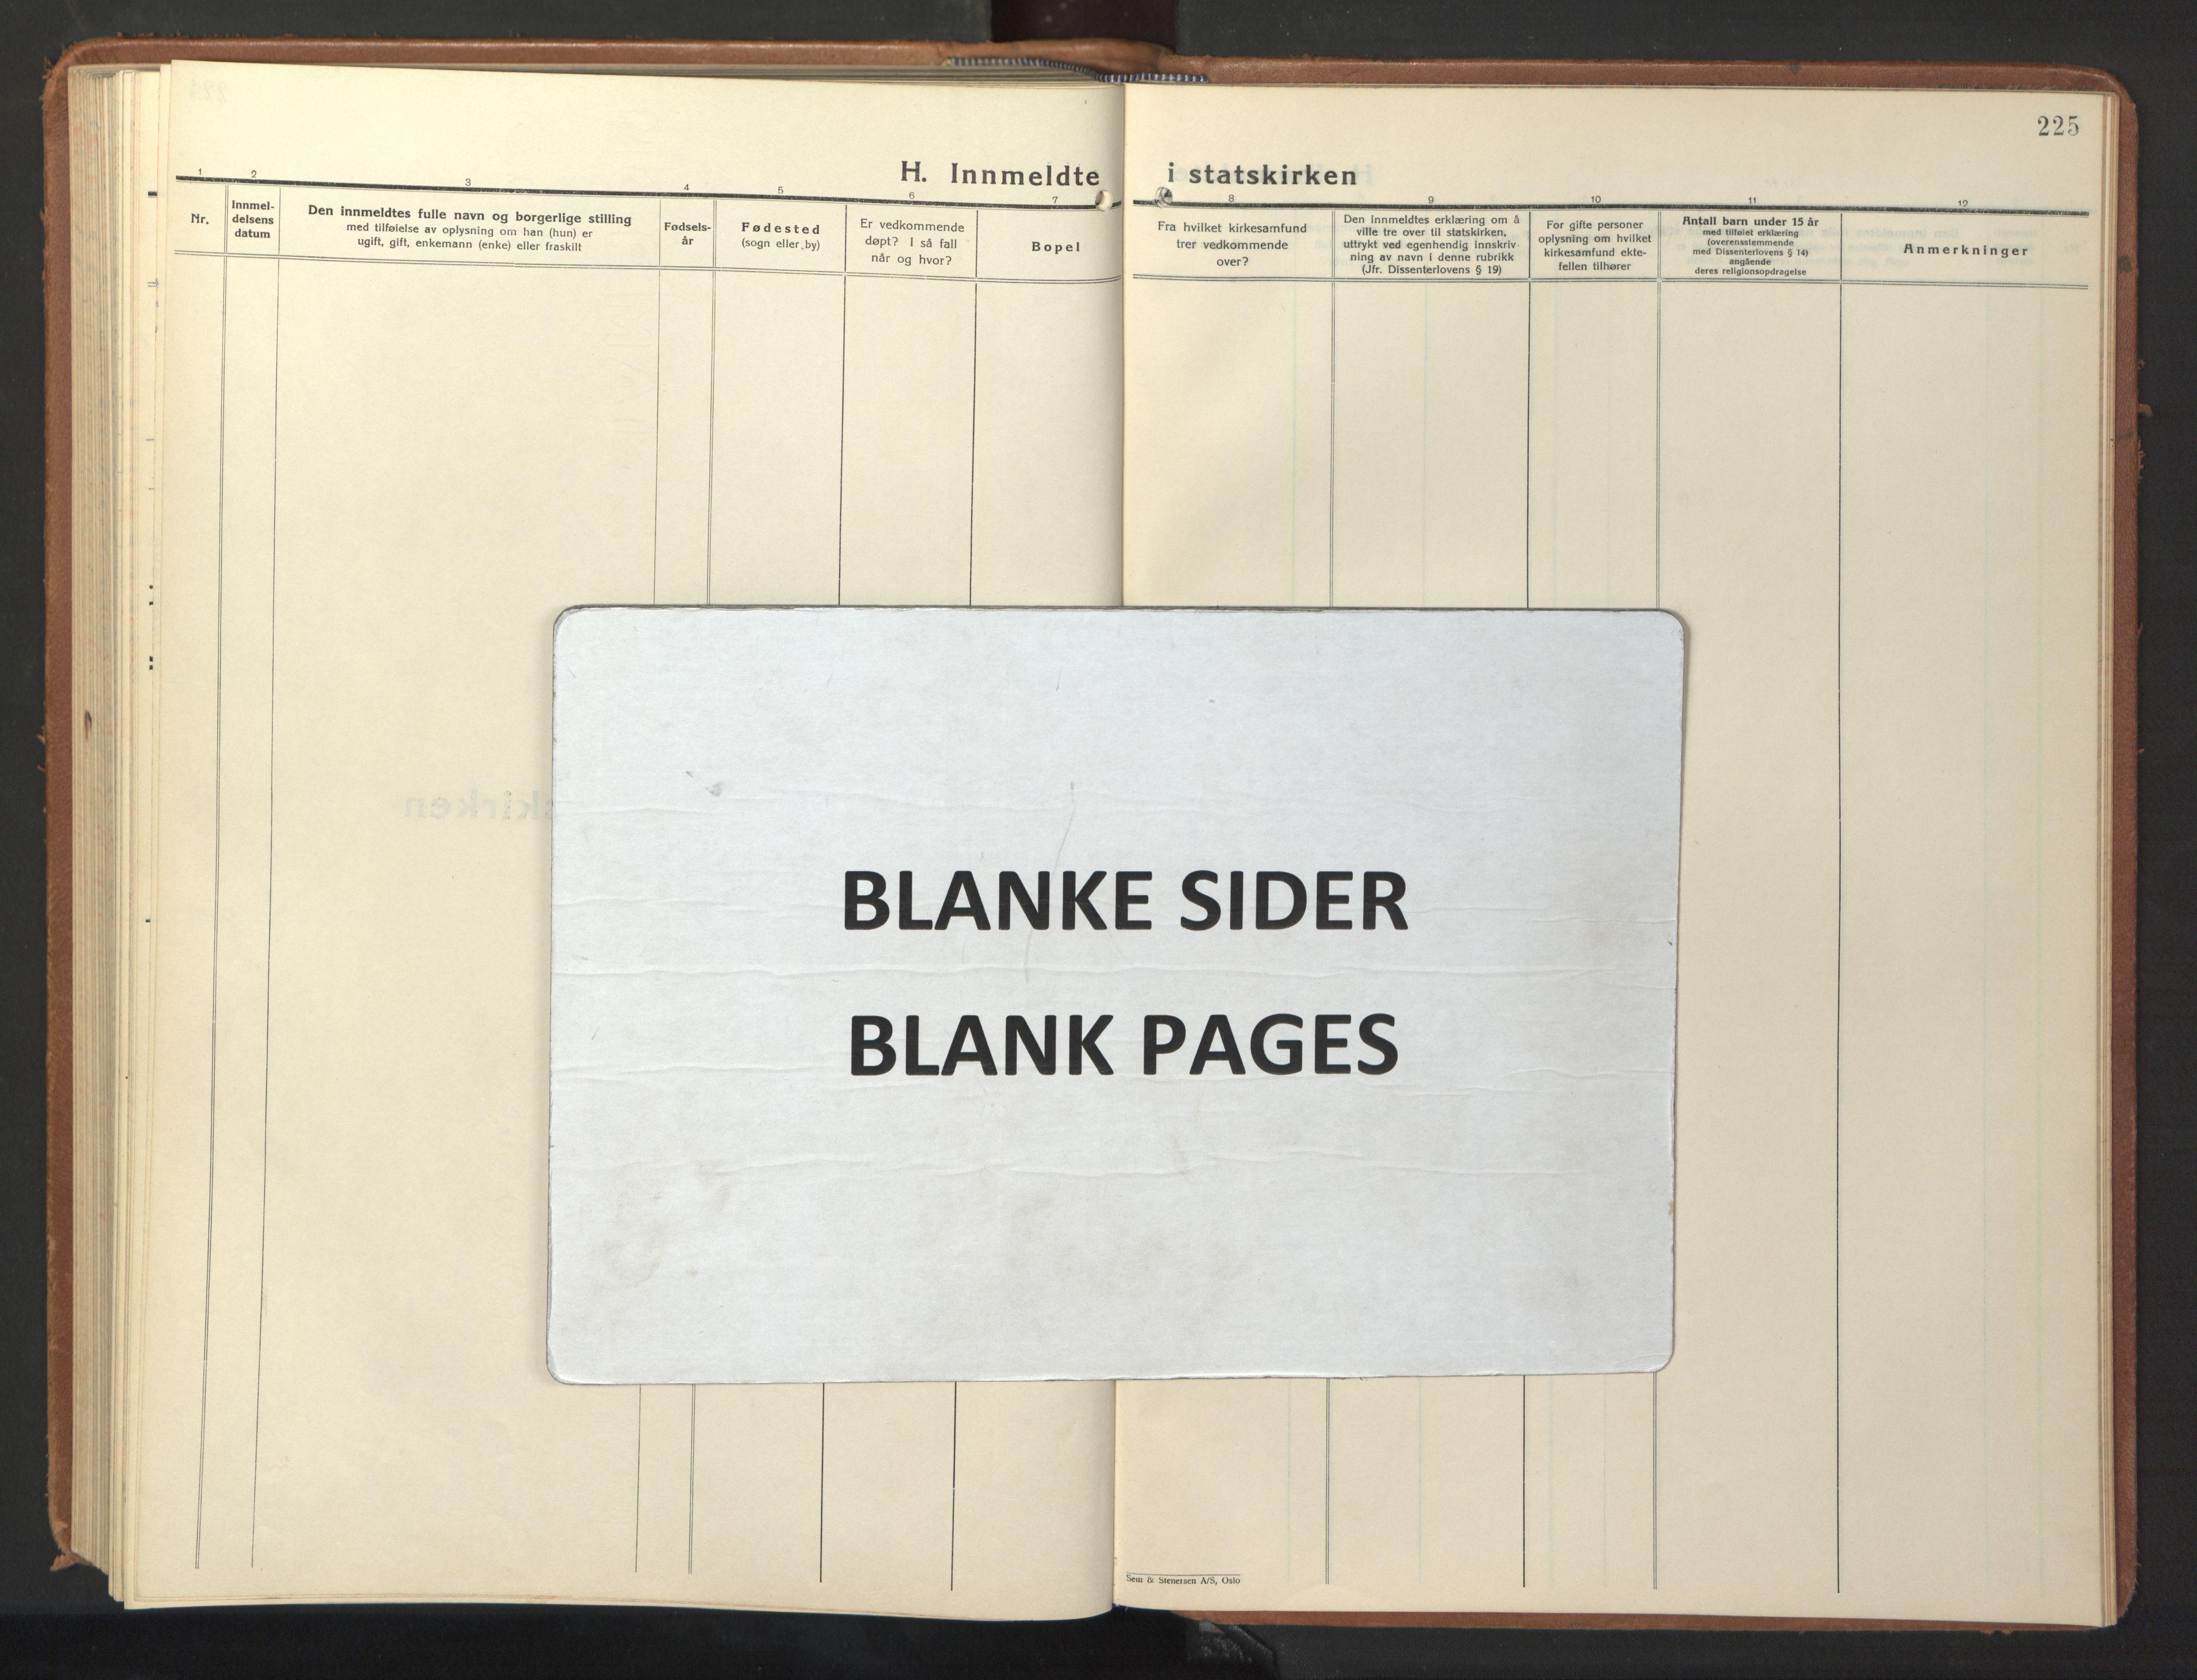 SAT, Ministerialprotokoller, klokkerbøker og fødselsregistre - Sør-Trøndelag, 640/L0590: Klokkerbok nr. 640C07, 1935-1948, s. 225